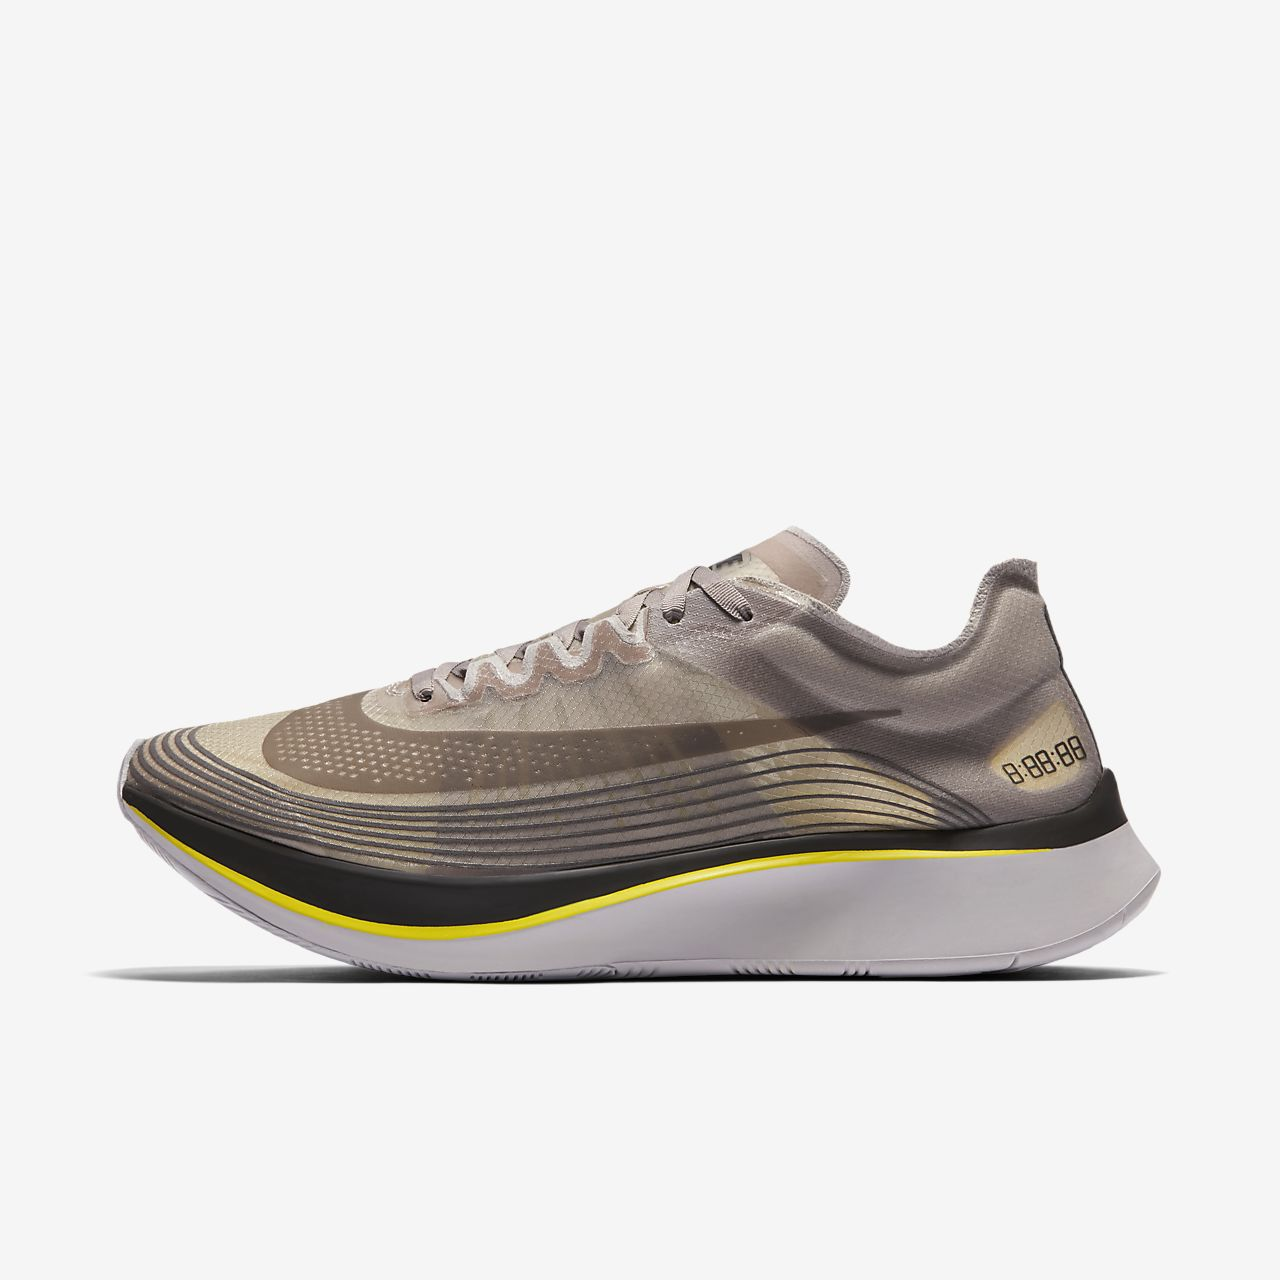 Nike Zoom Fly SP Hardloopschoen (unisex)